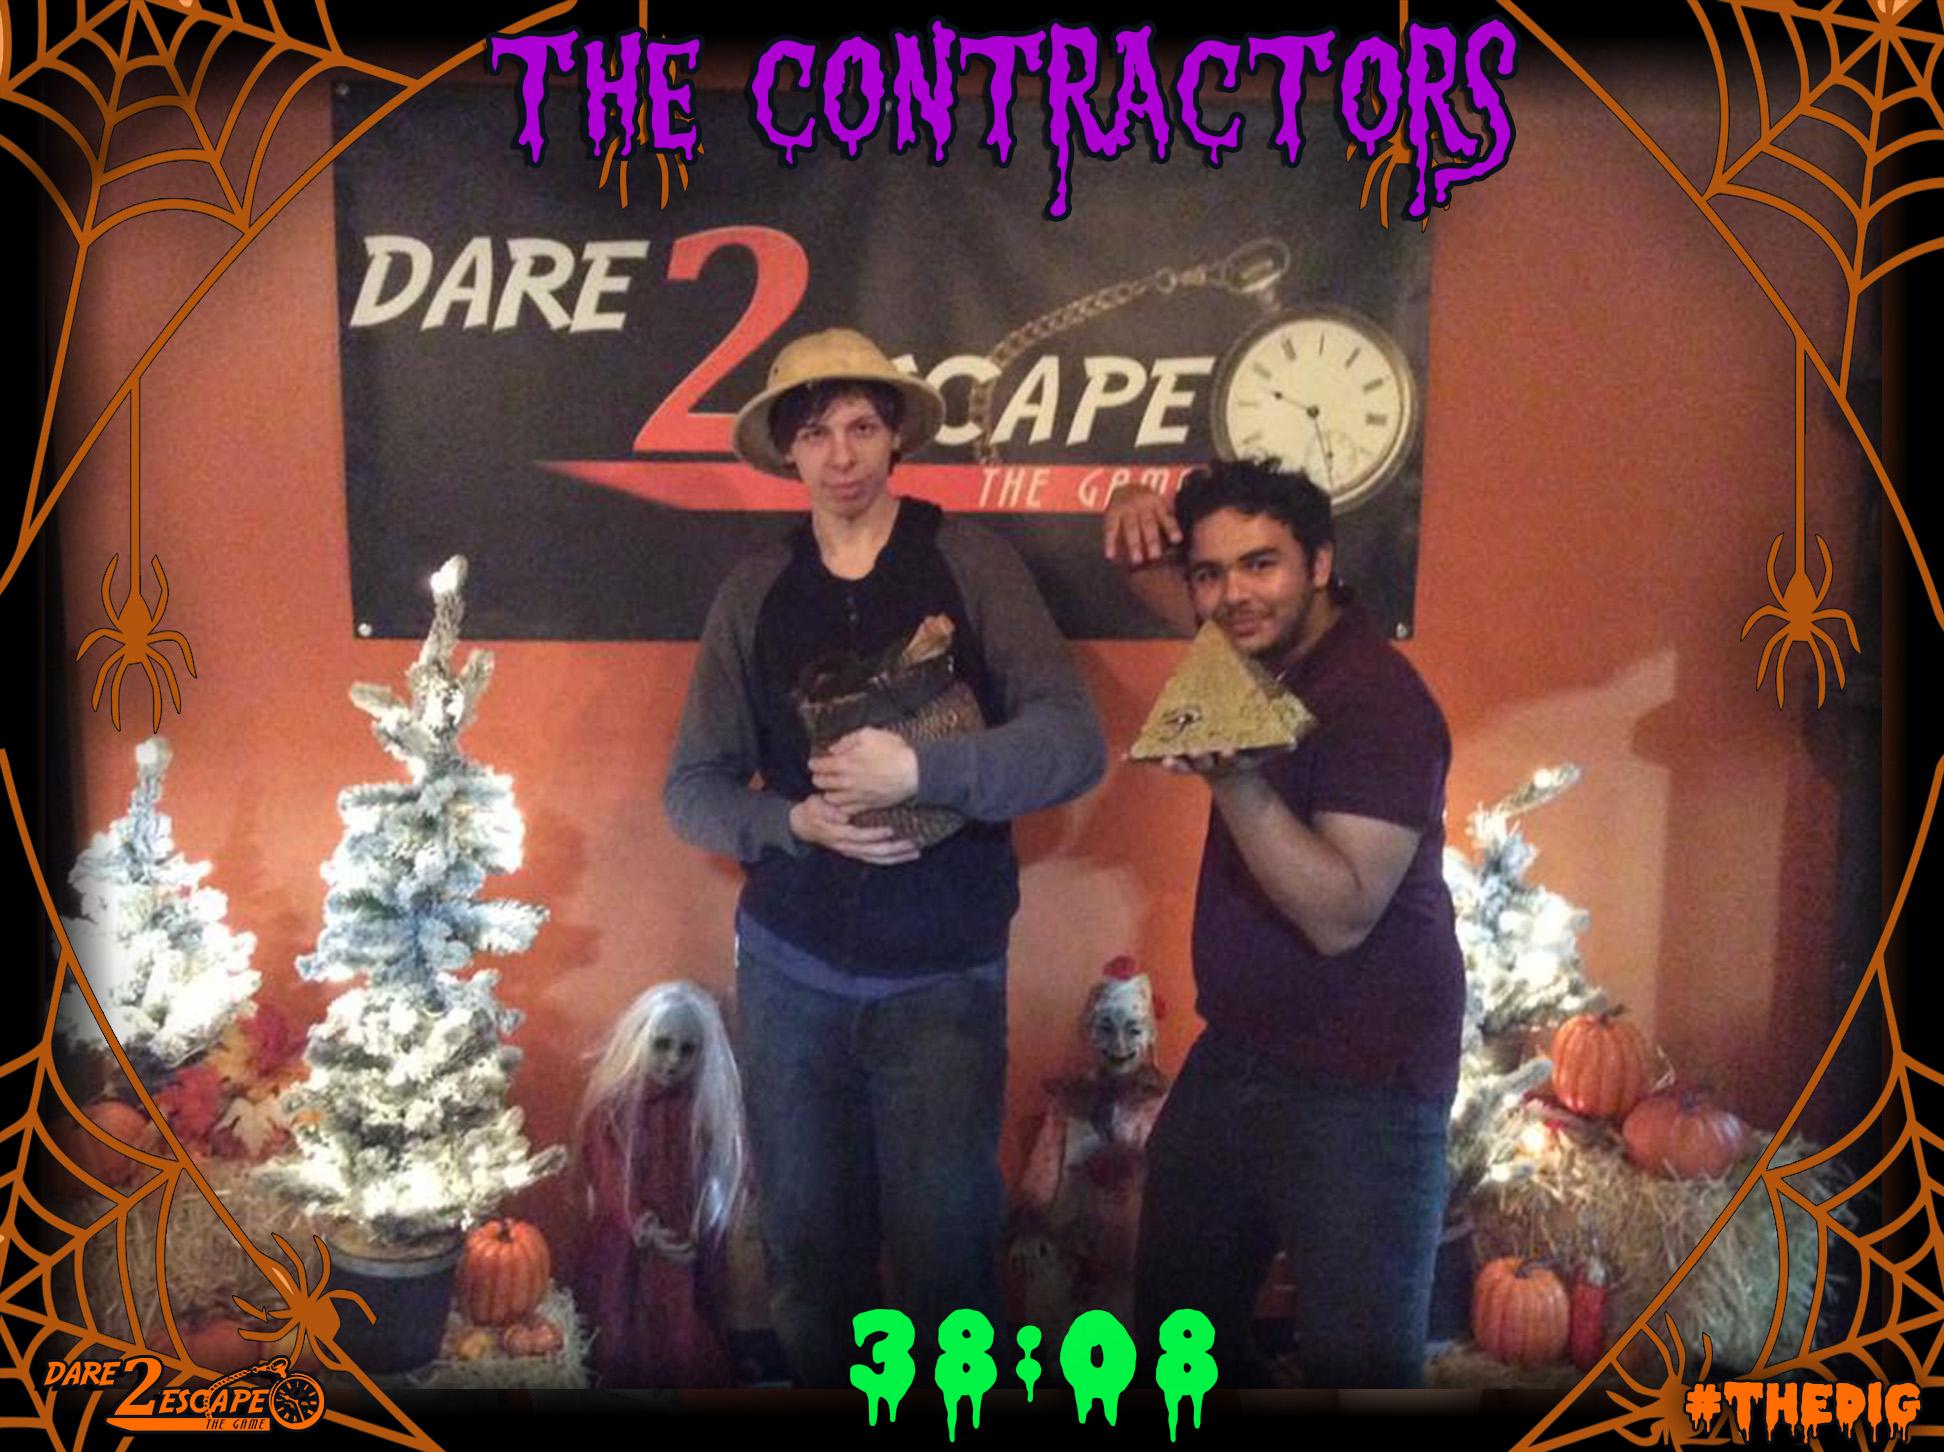 The Contractors 3808.jpg